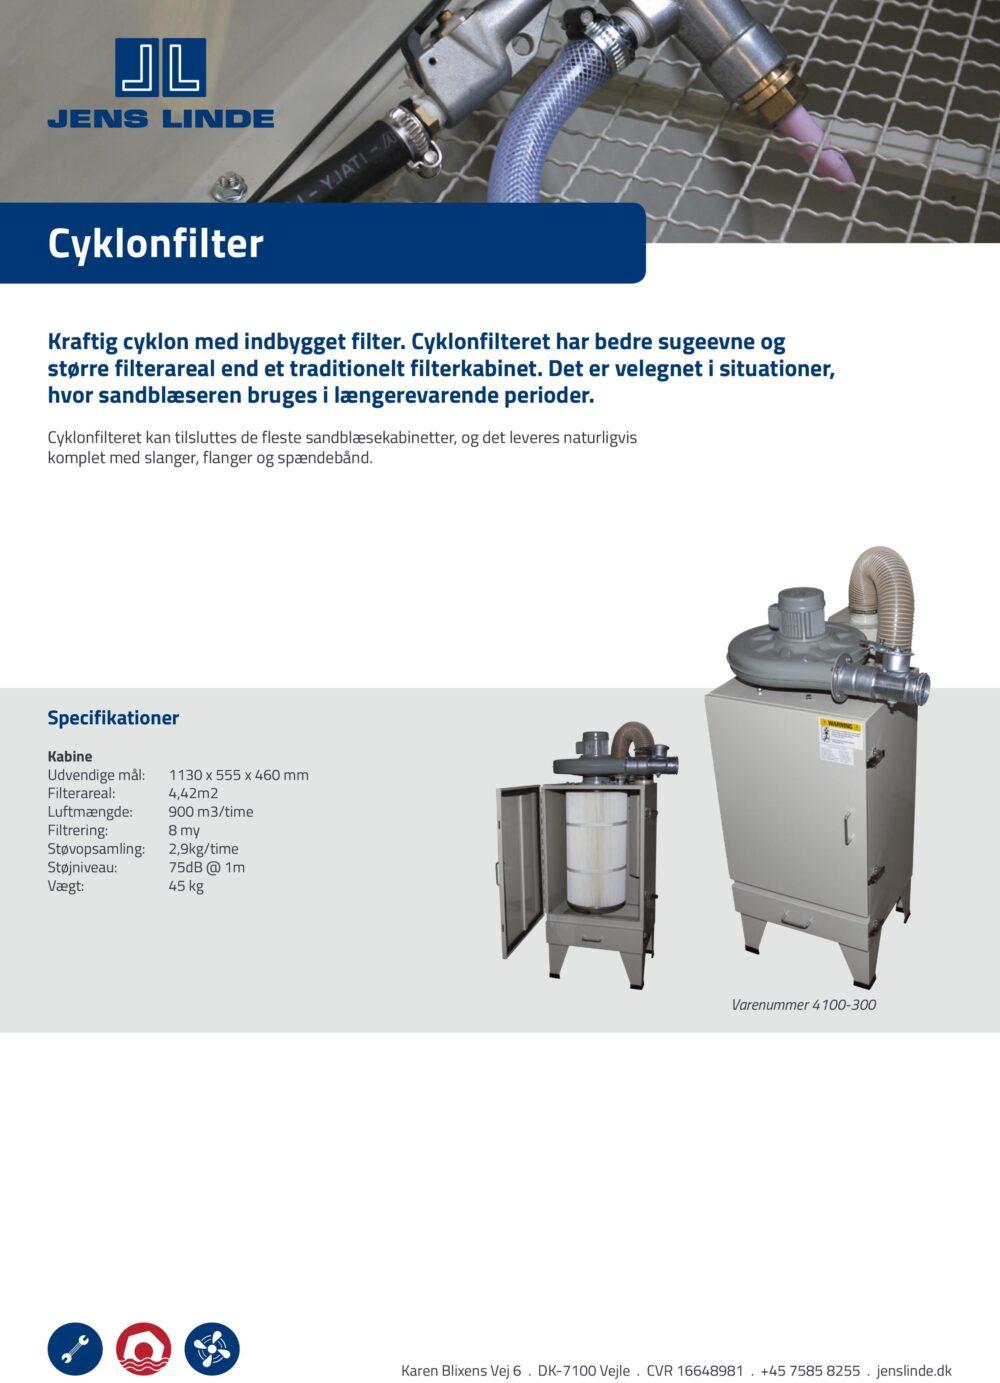 Cyklonfilter